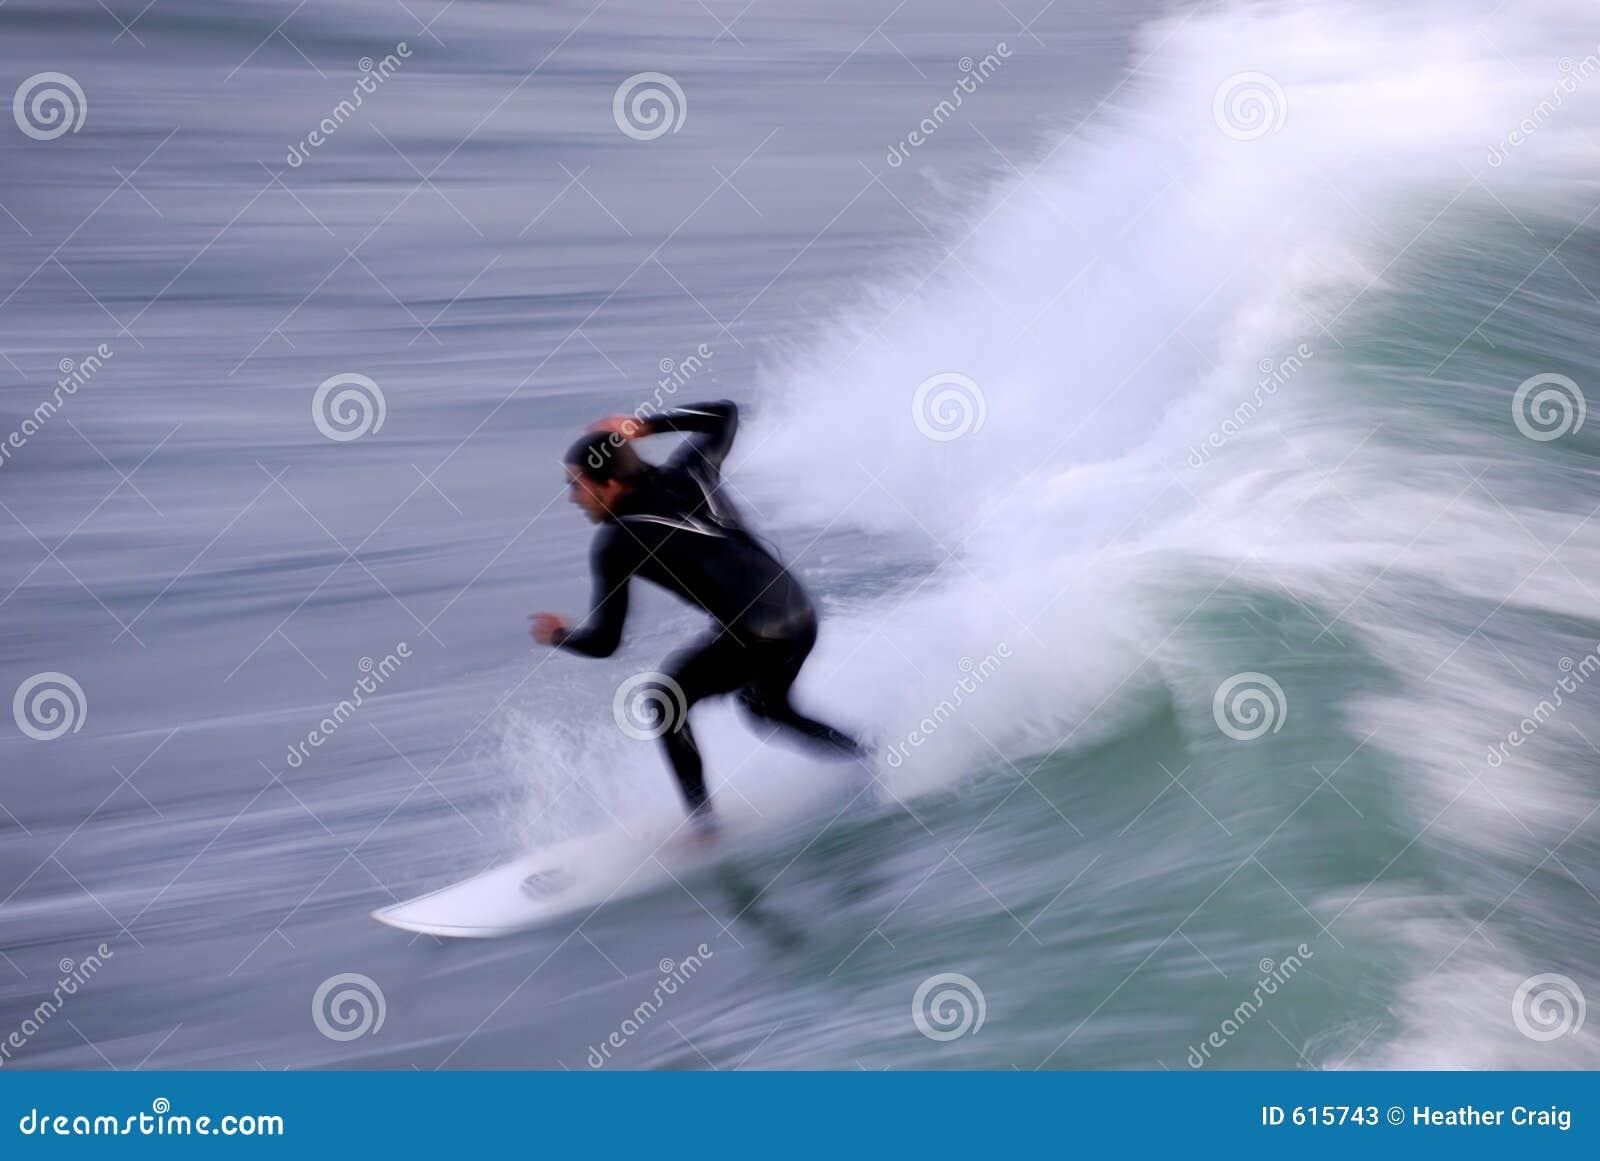 Surfer in Motie